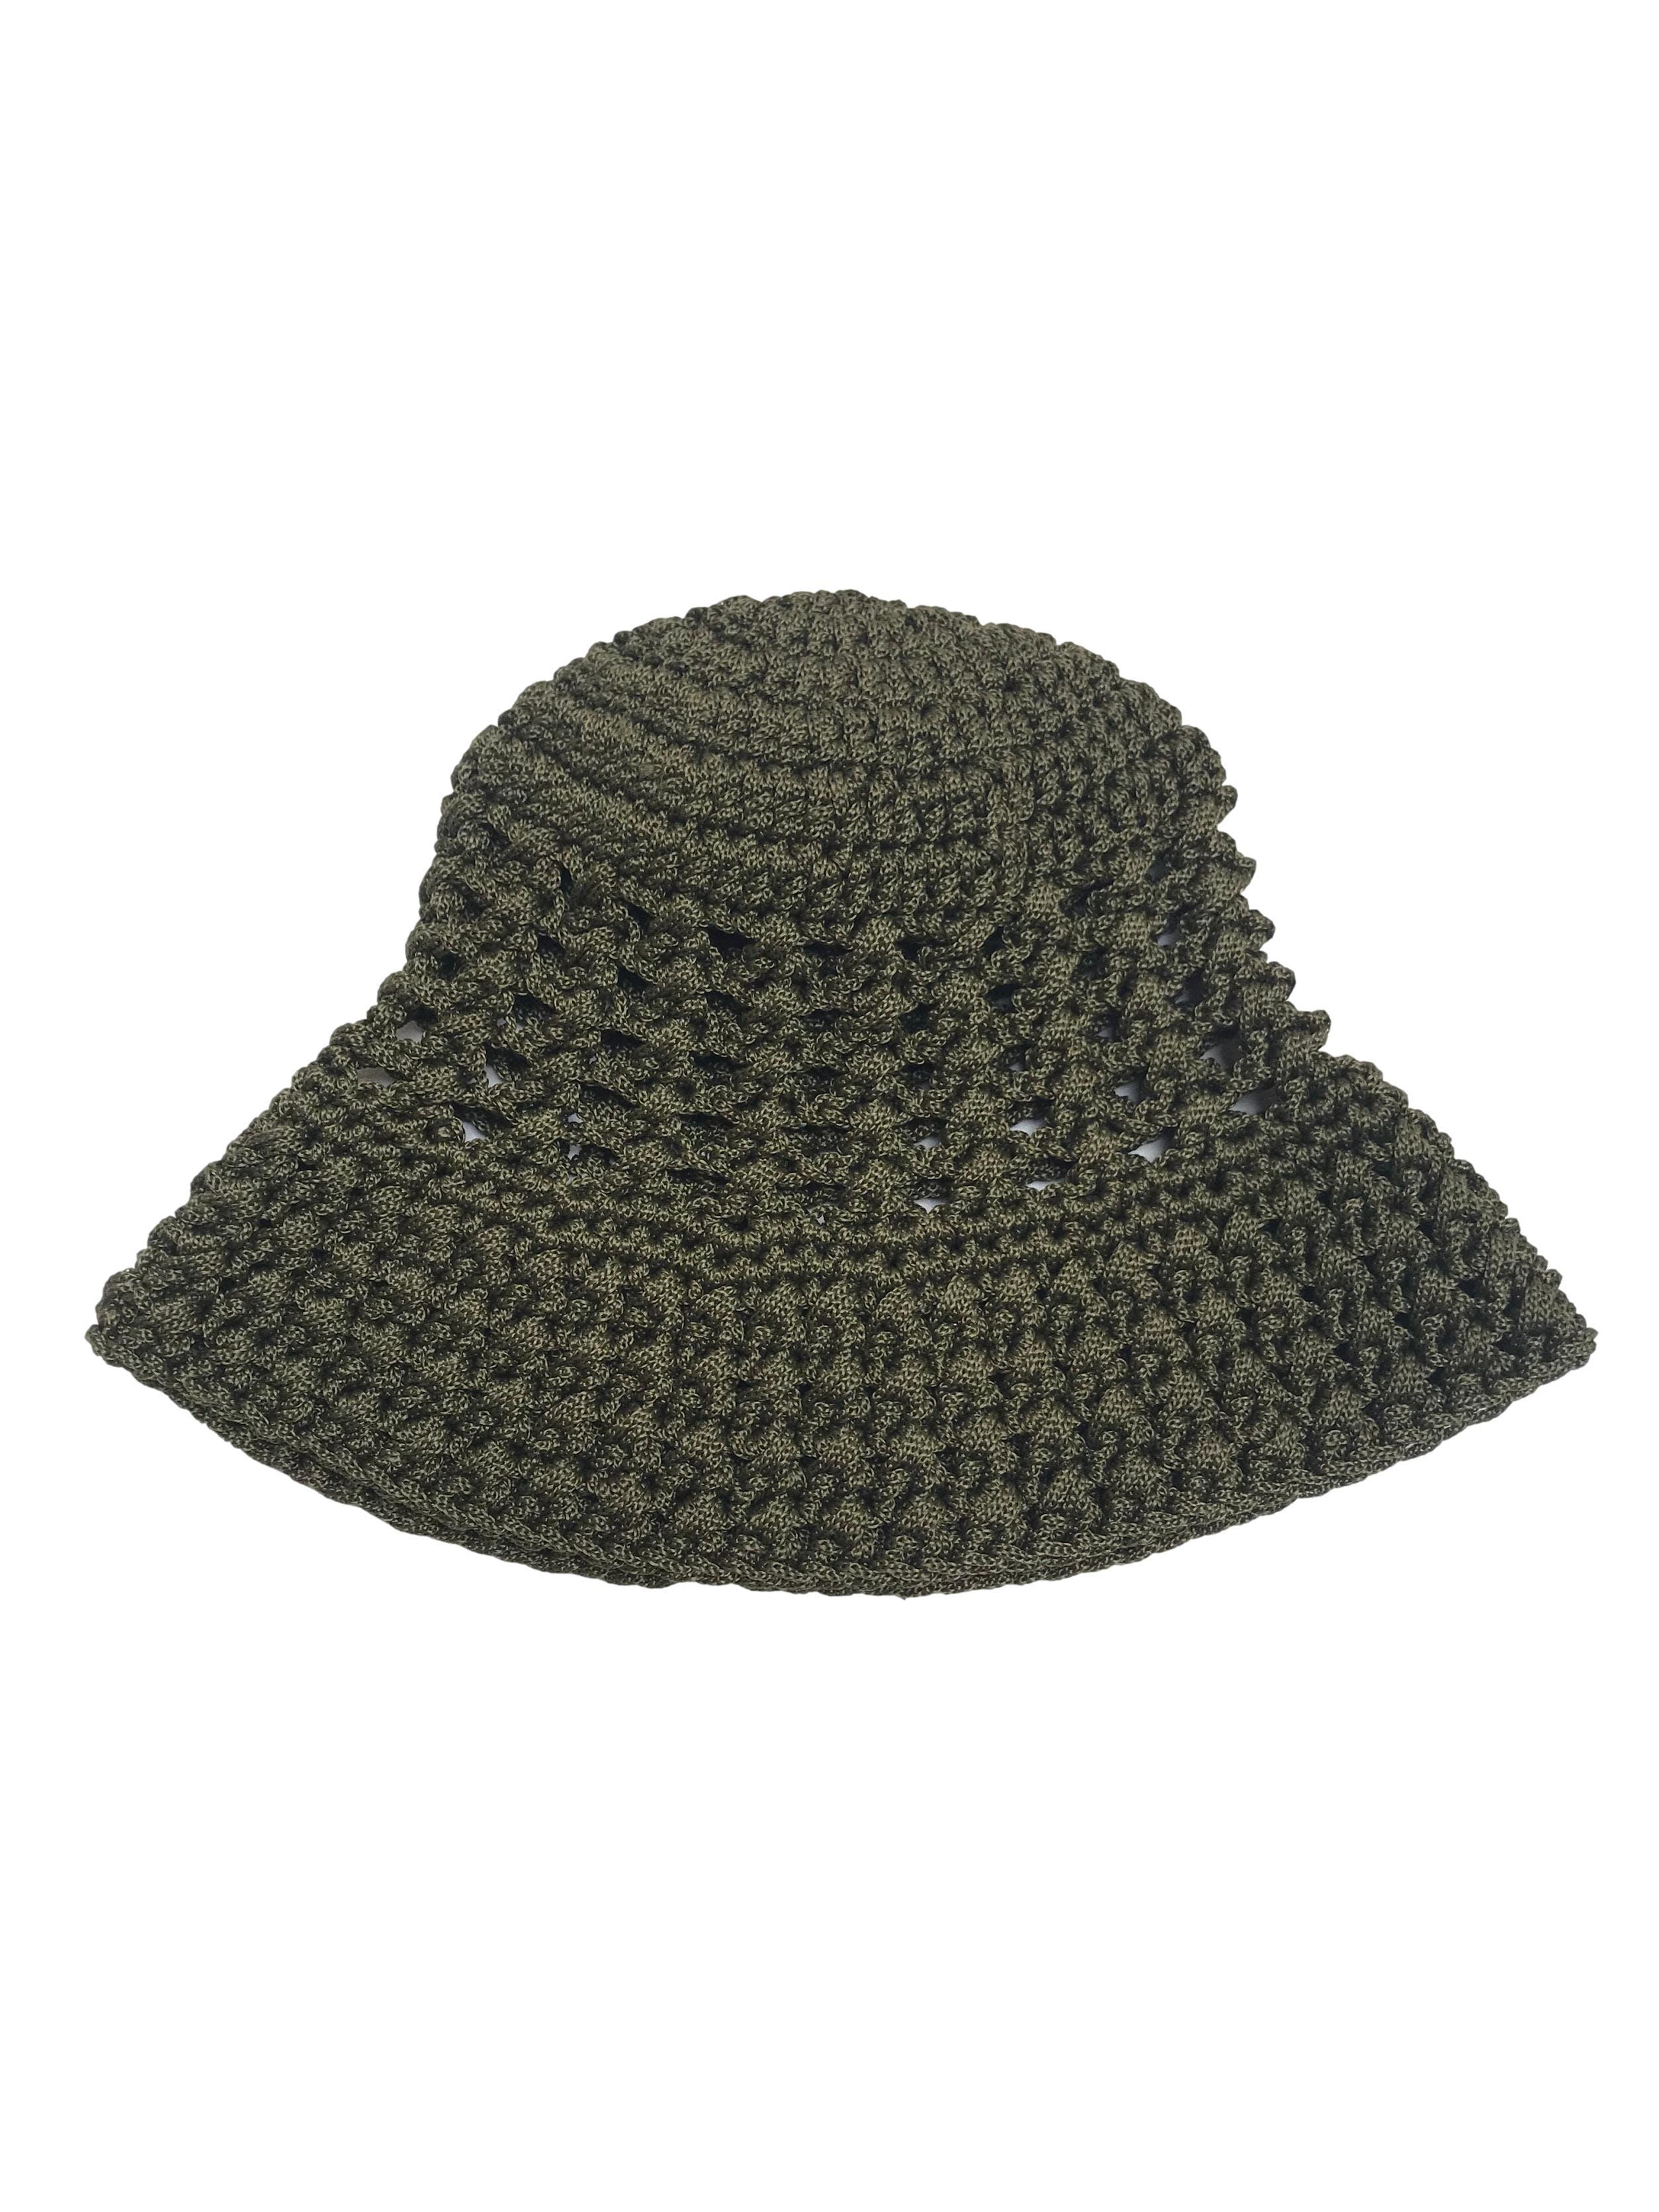 Gorro estilo bucket hat verde tejido a crochet